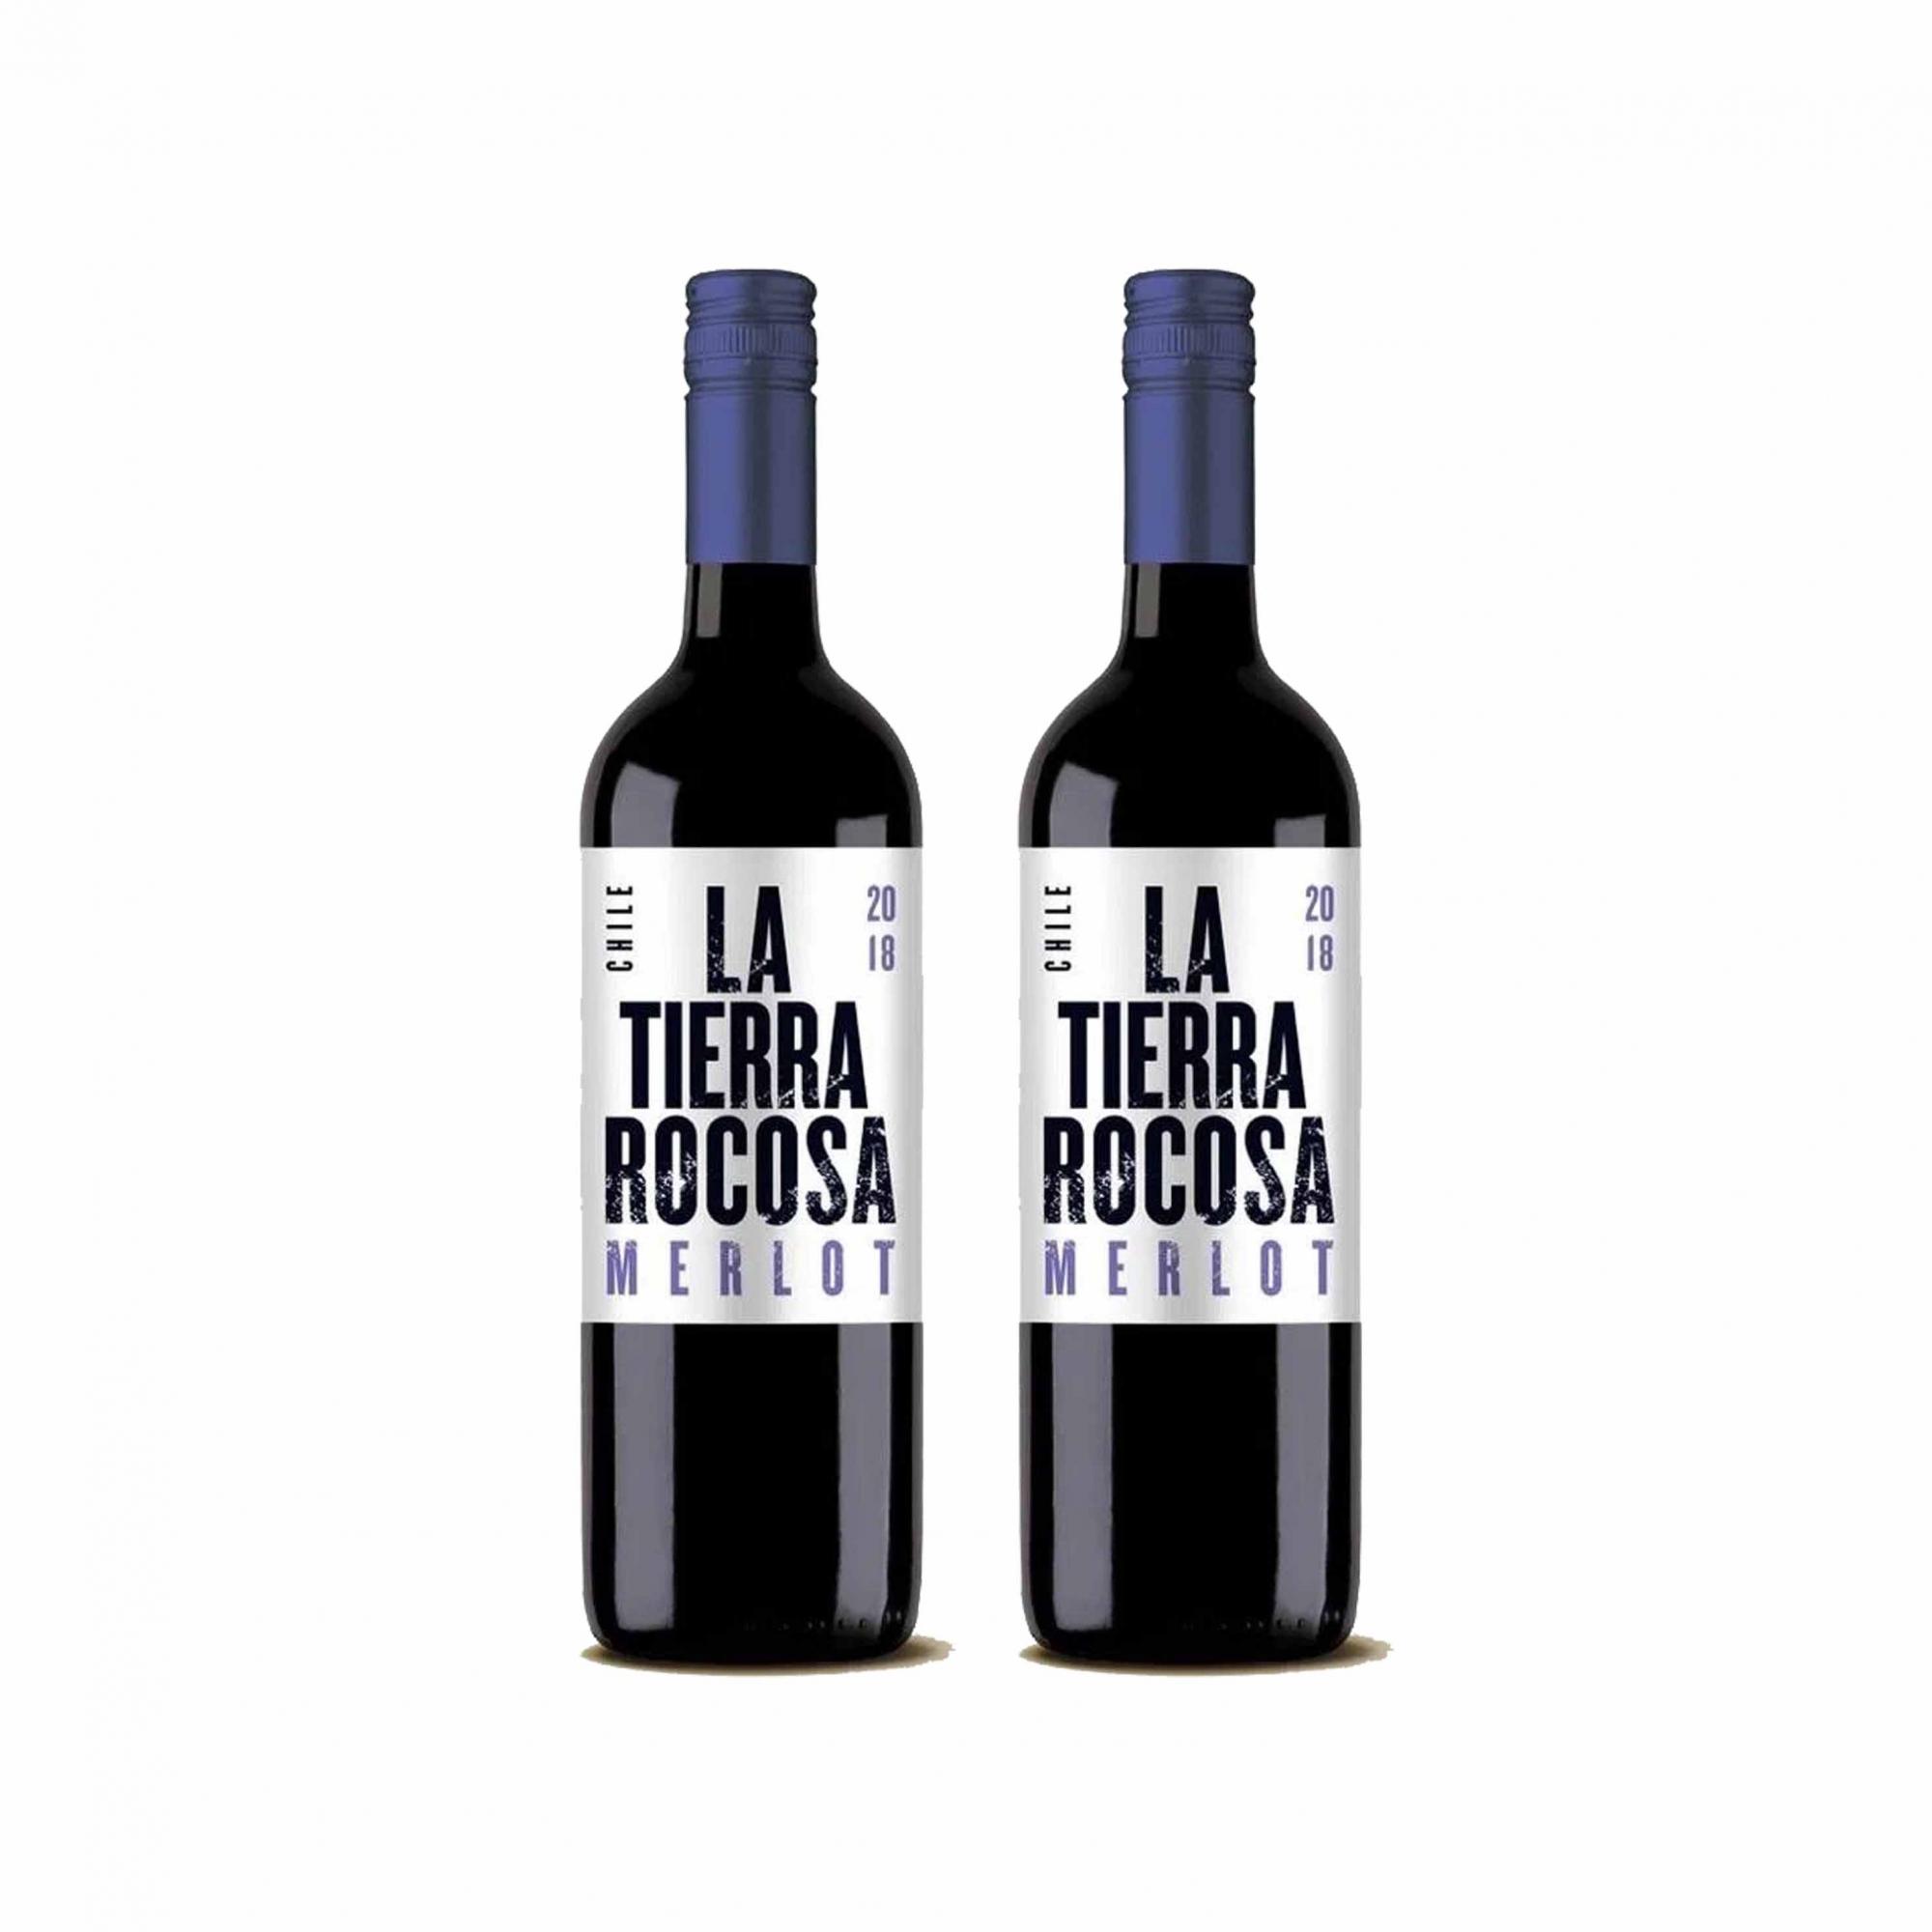 Kit 2x Vinho Tinto Chileno La Tierra Rocosa Merlot 2019